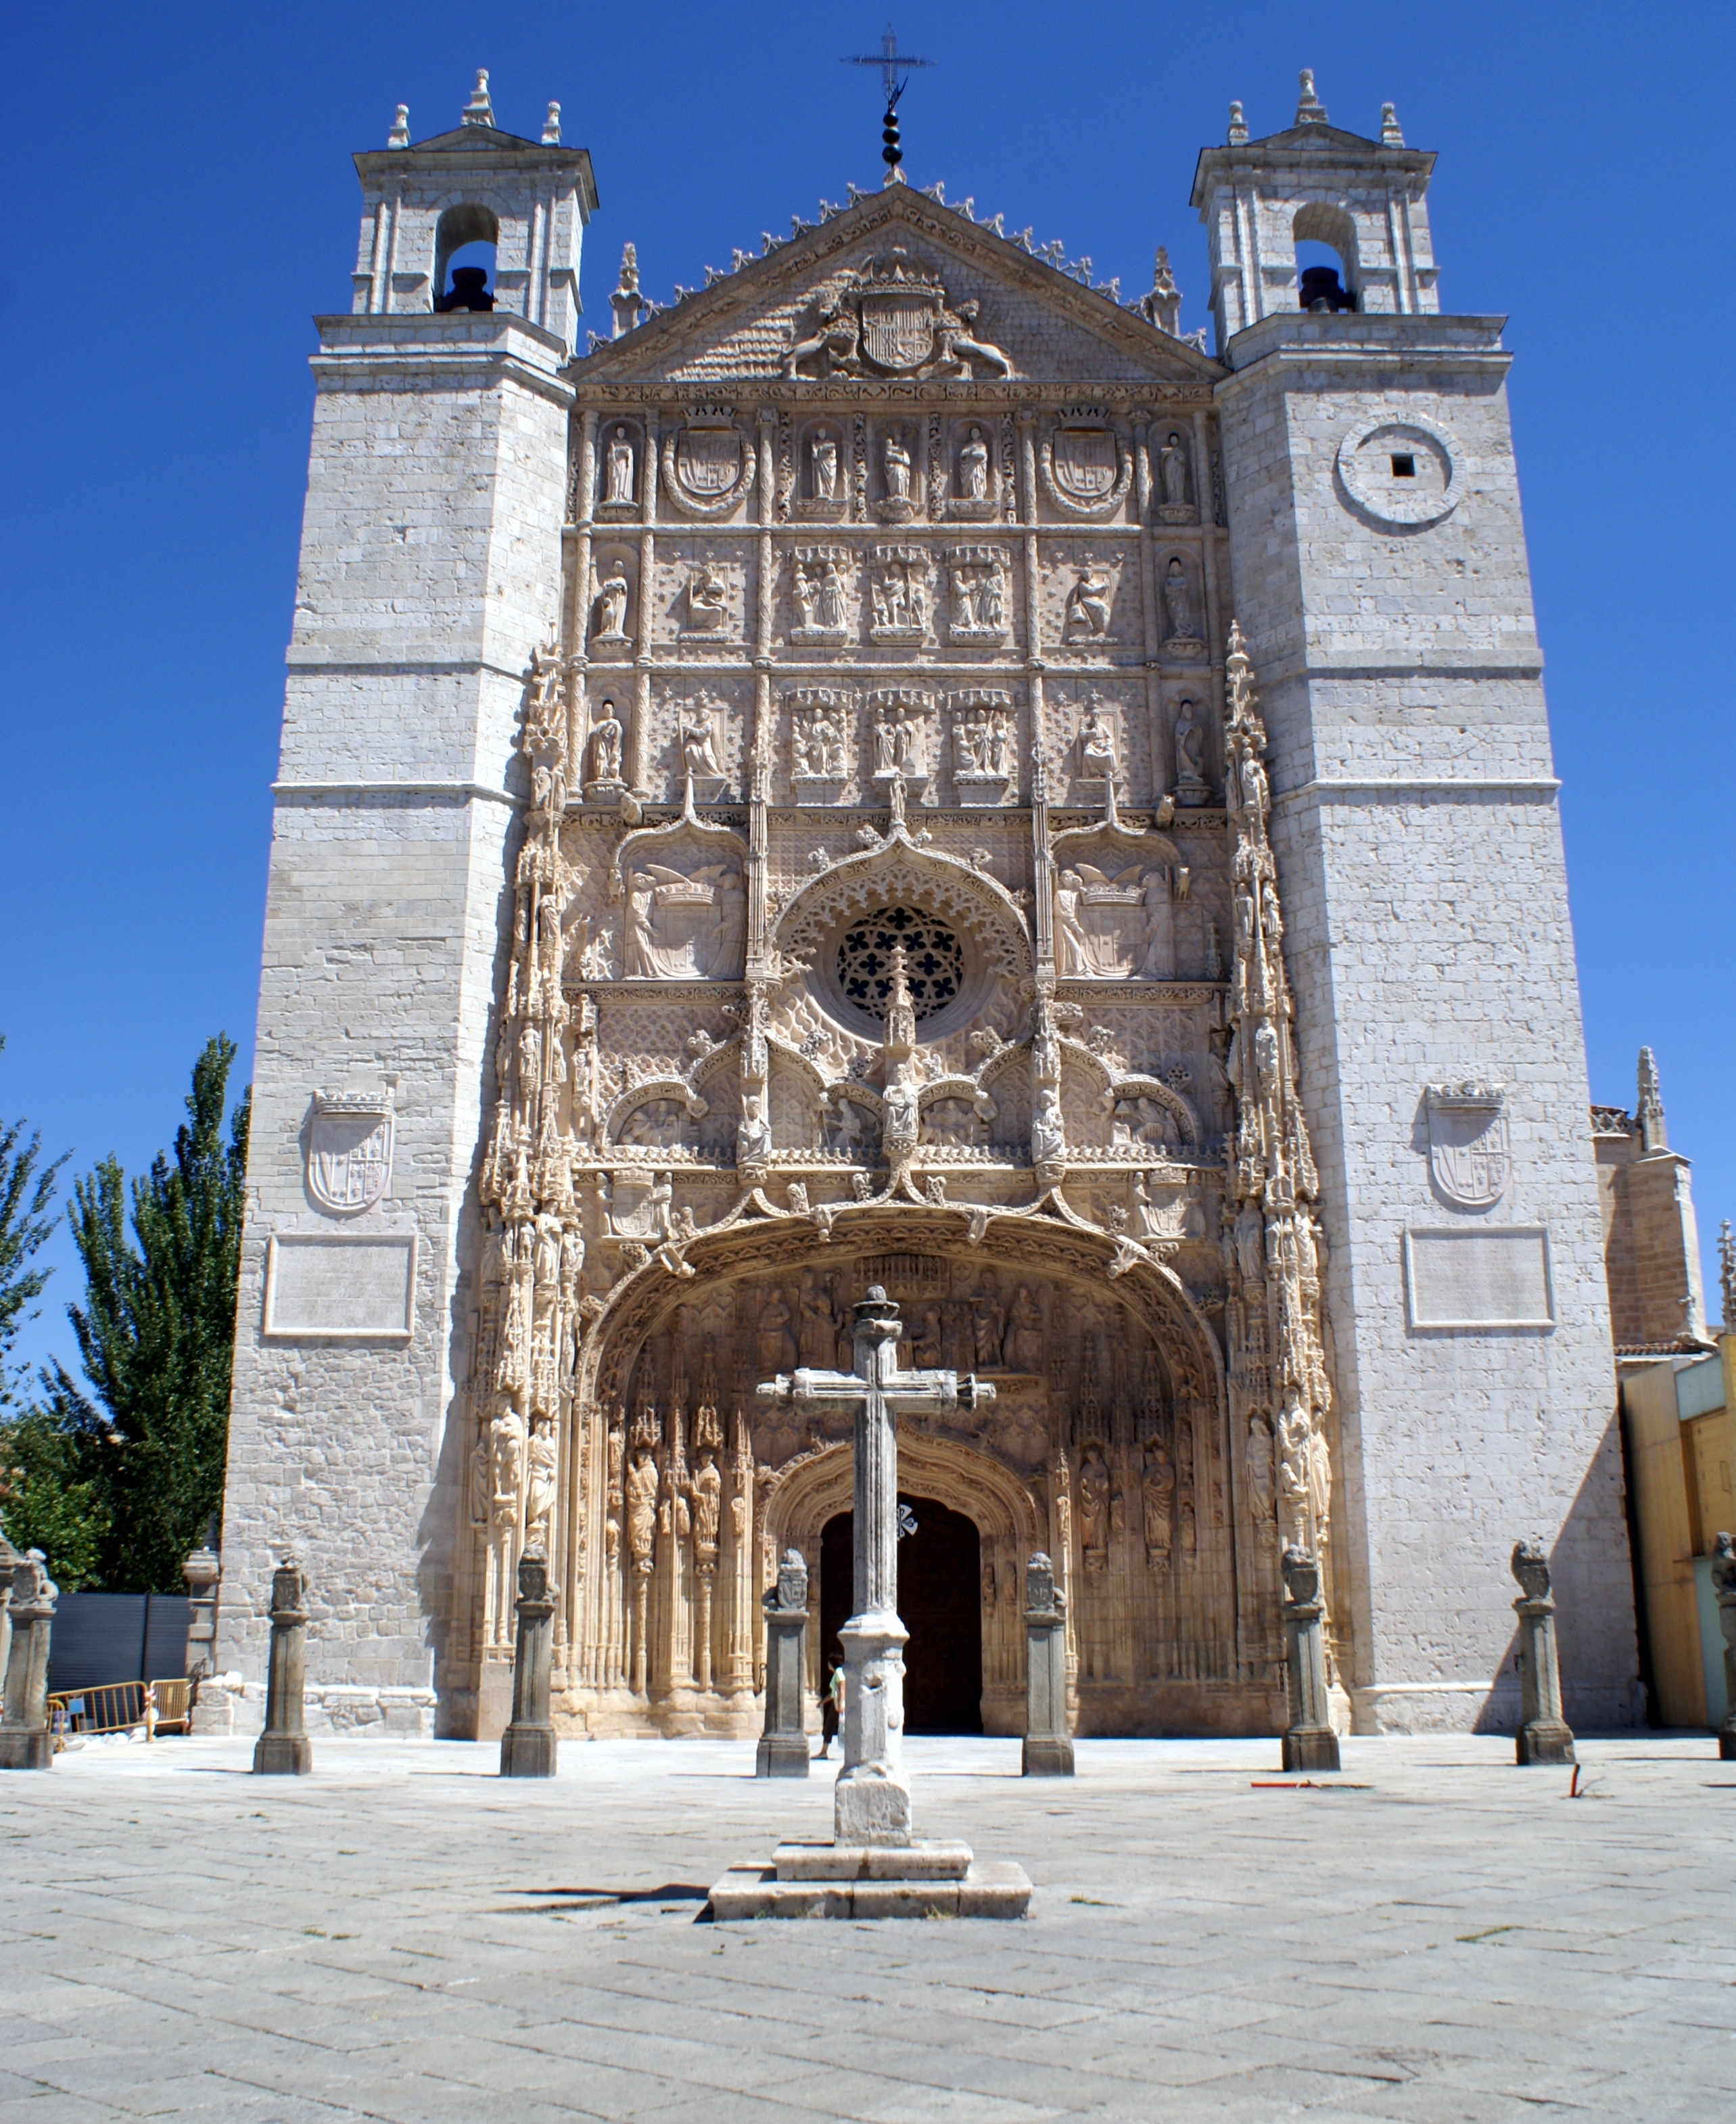 http://upload.wikimedia.org/wikipedia/commons/7/76/Fachada_de_la_iglesia_conventual_de_San_Pablo_%28Valladolid%29.jpg